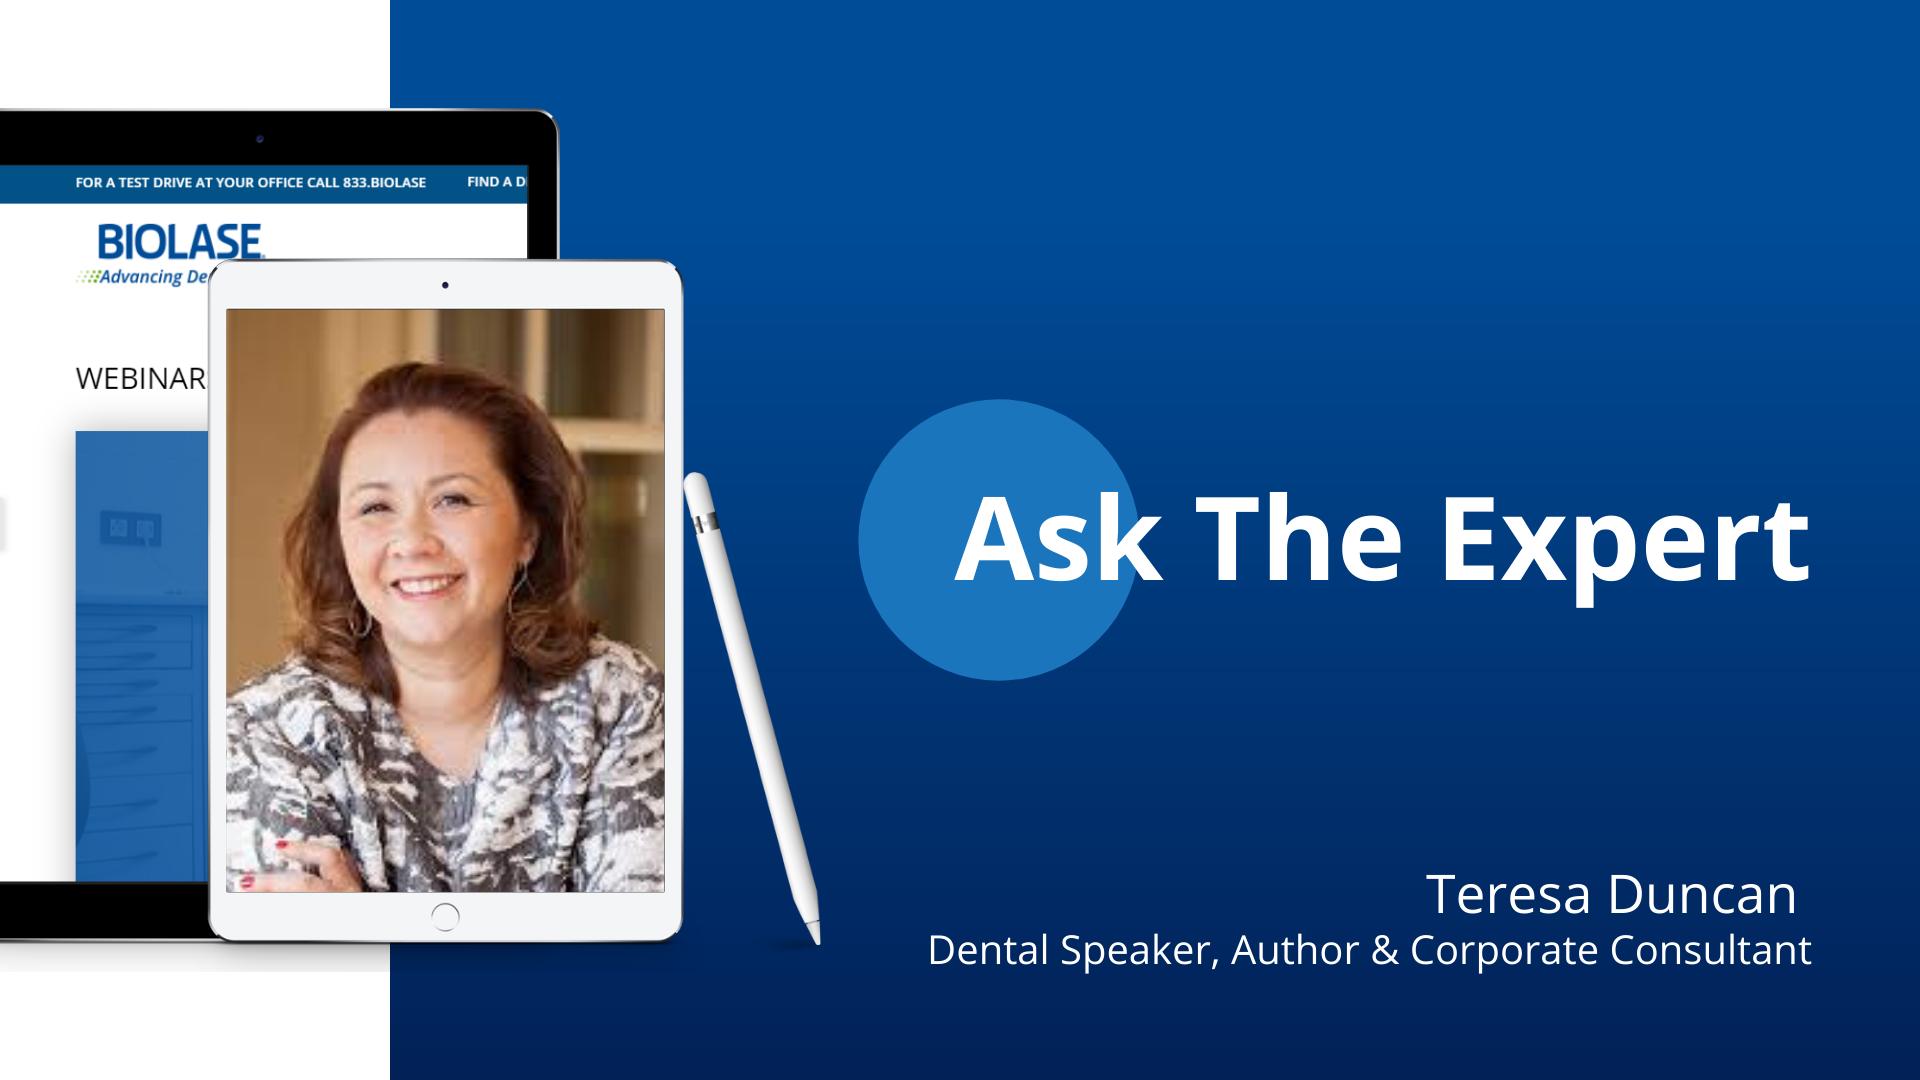 ask-expert-duncan